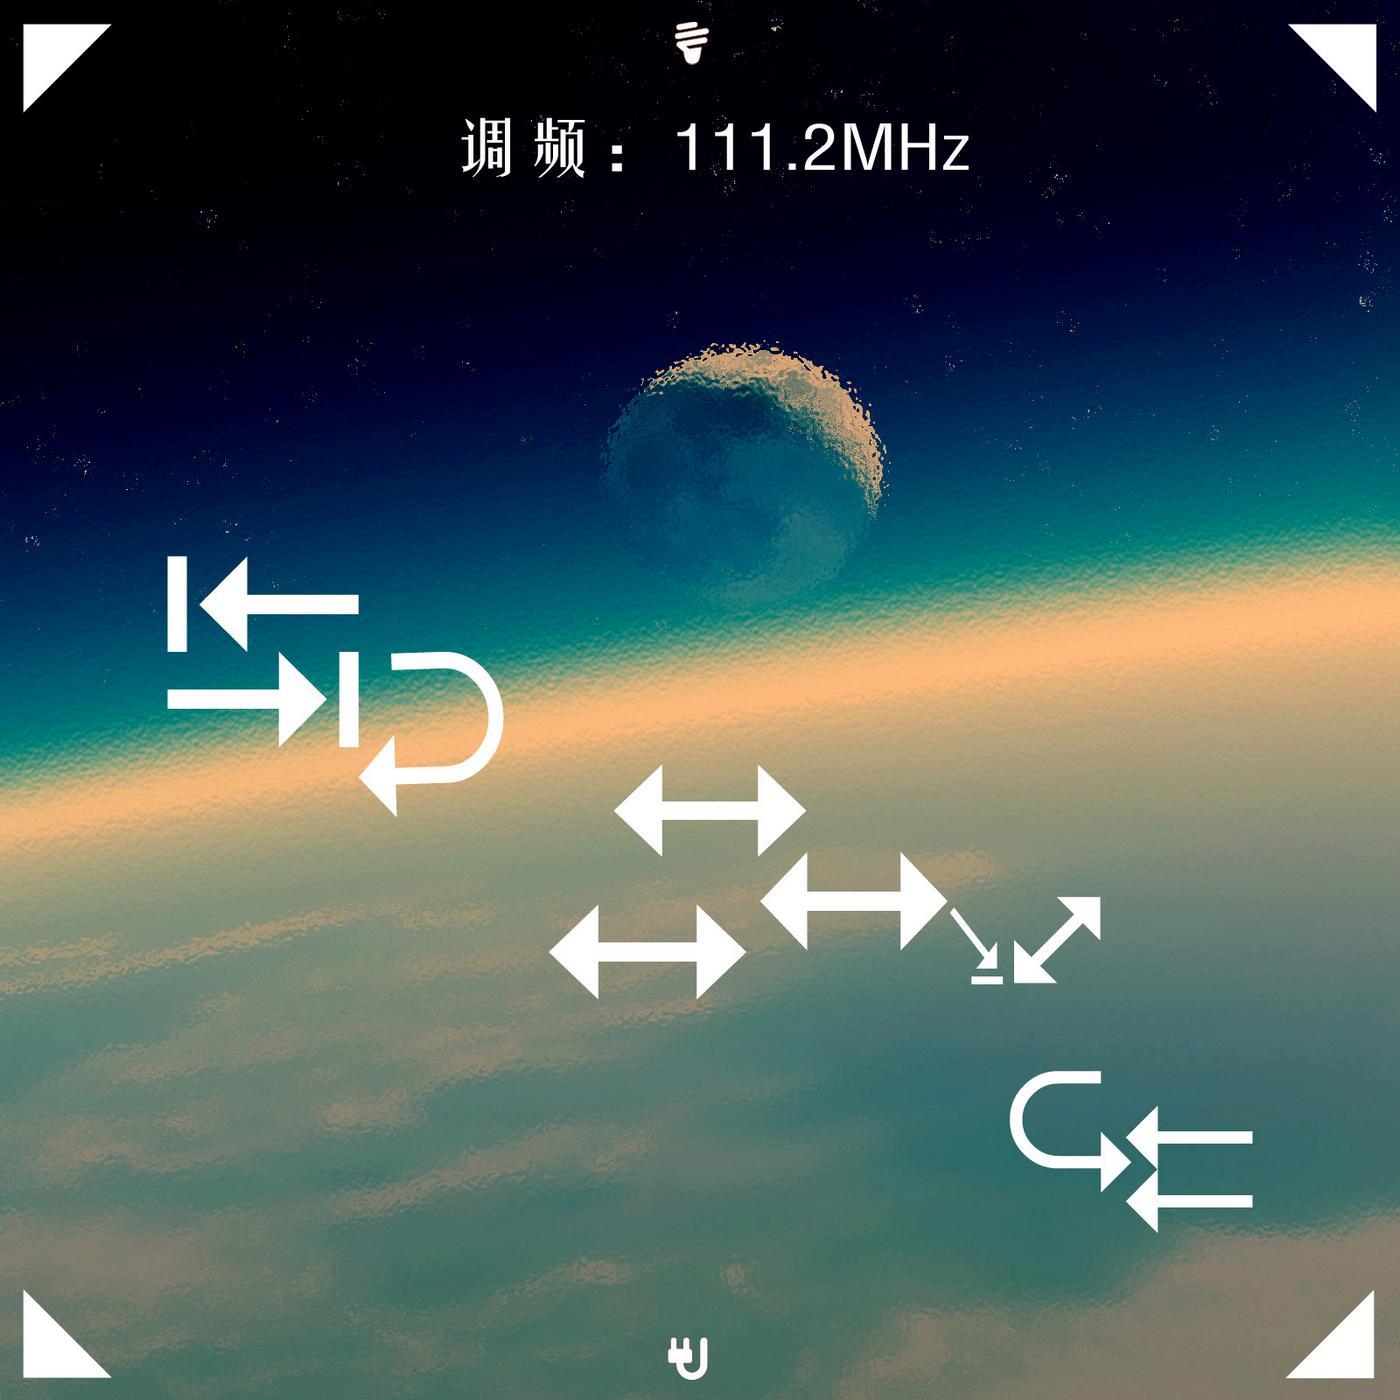 <![CDATA[FM111.2]]>